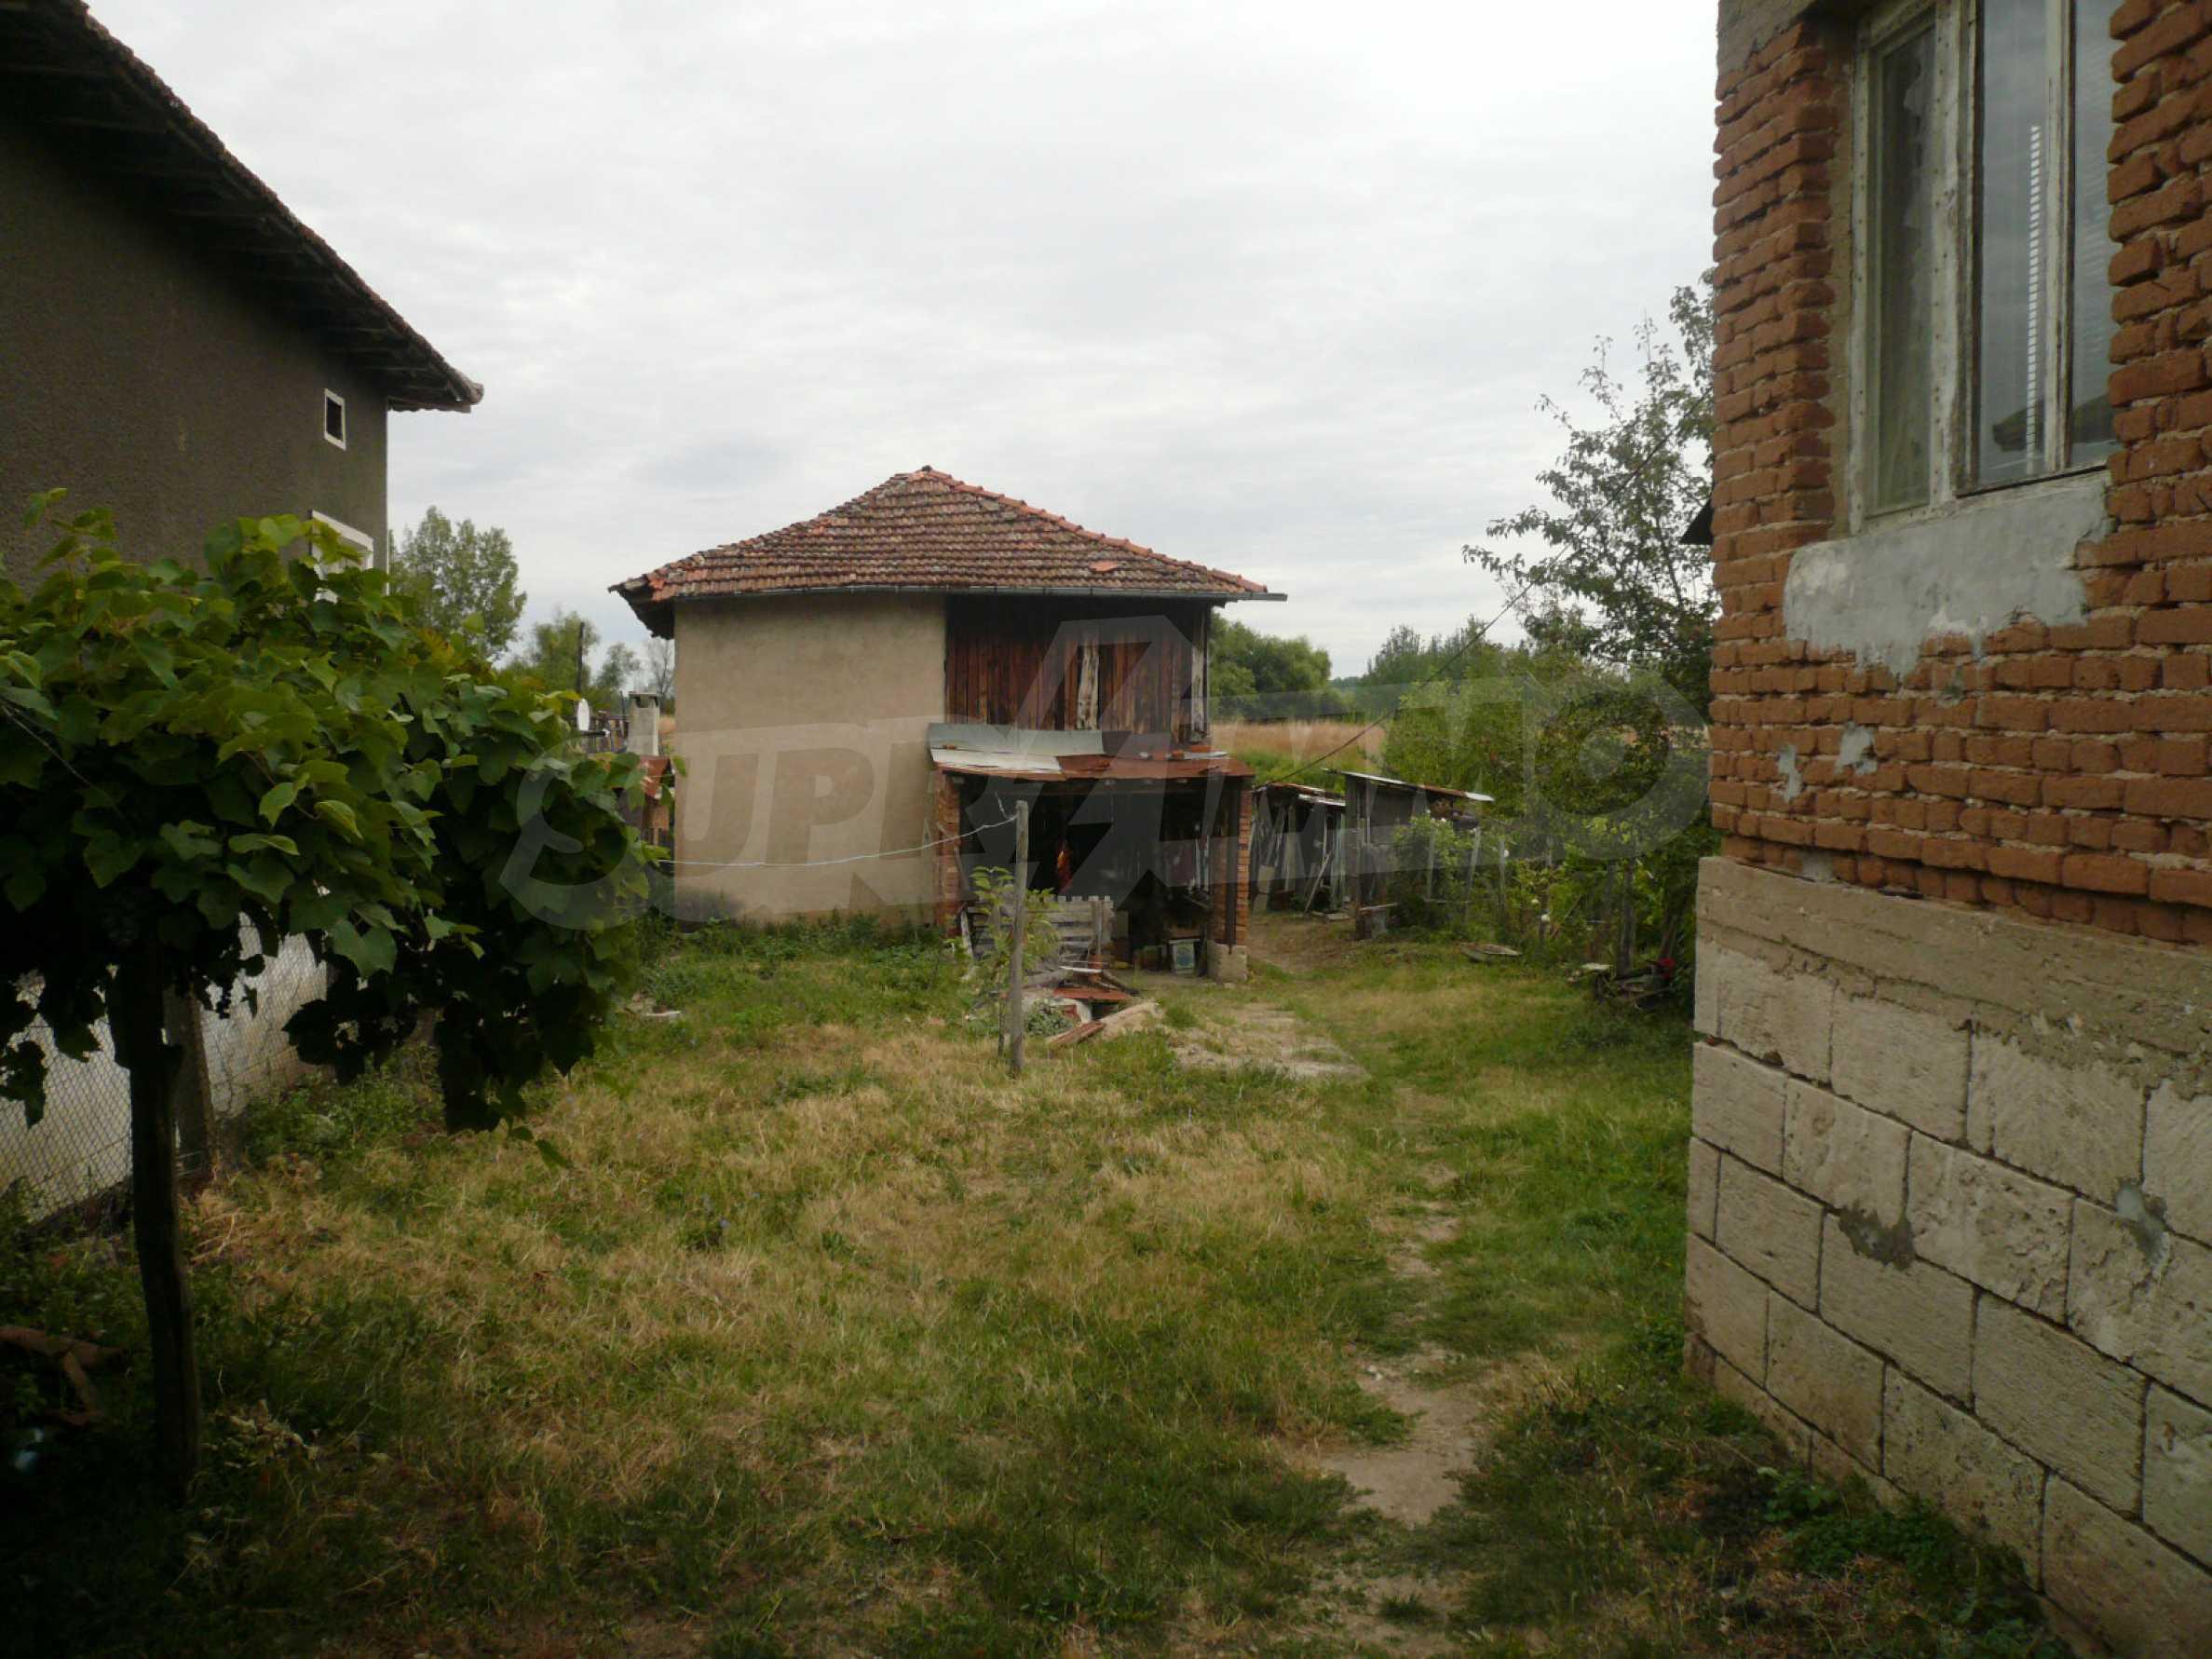 Einfamilienhaus mit Hof in der Nähe der Donau 5